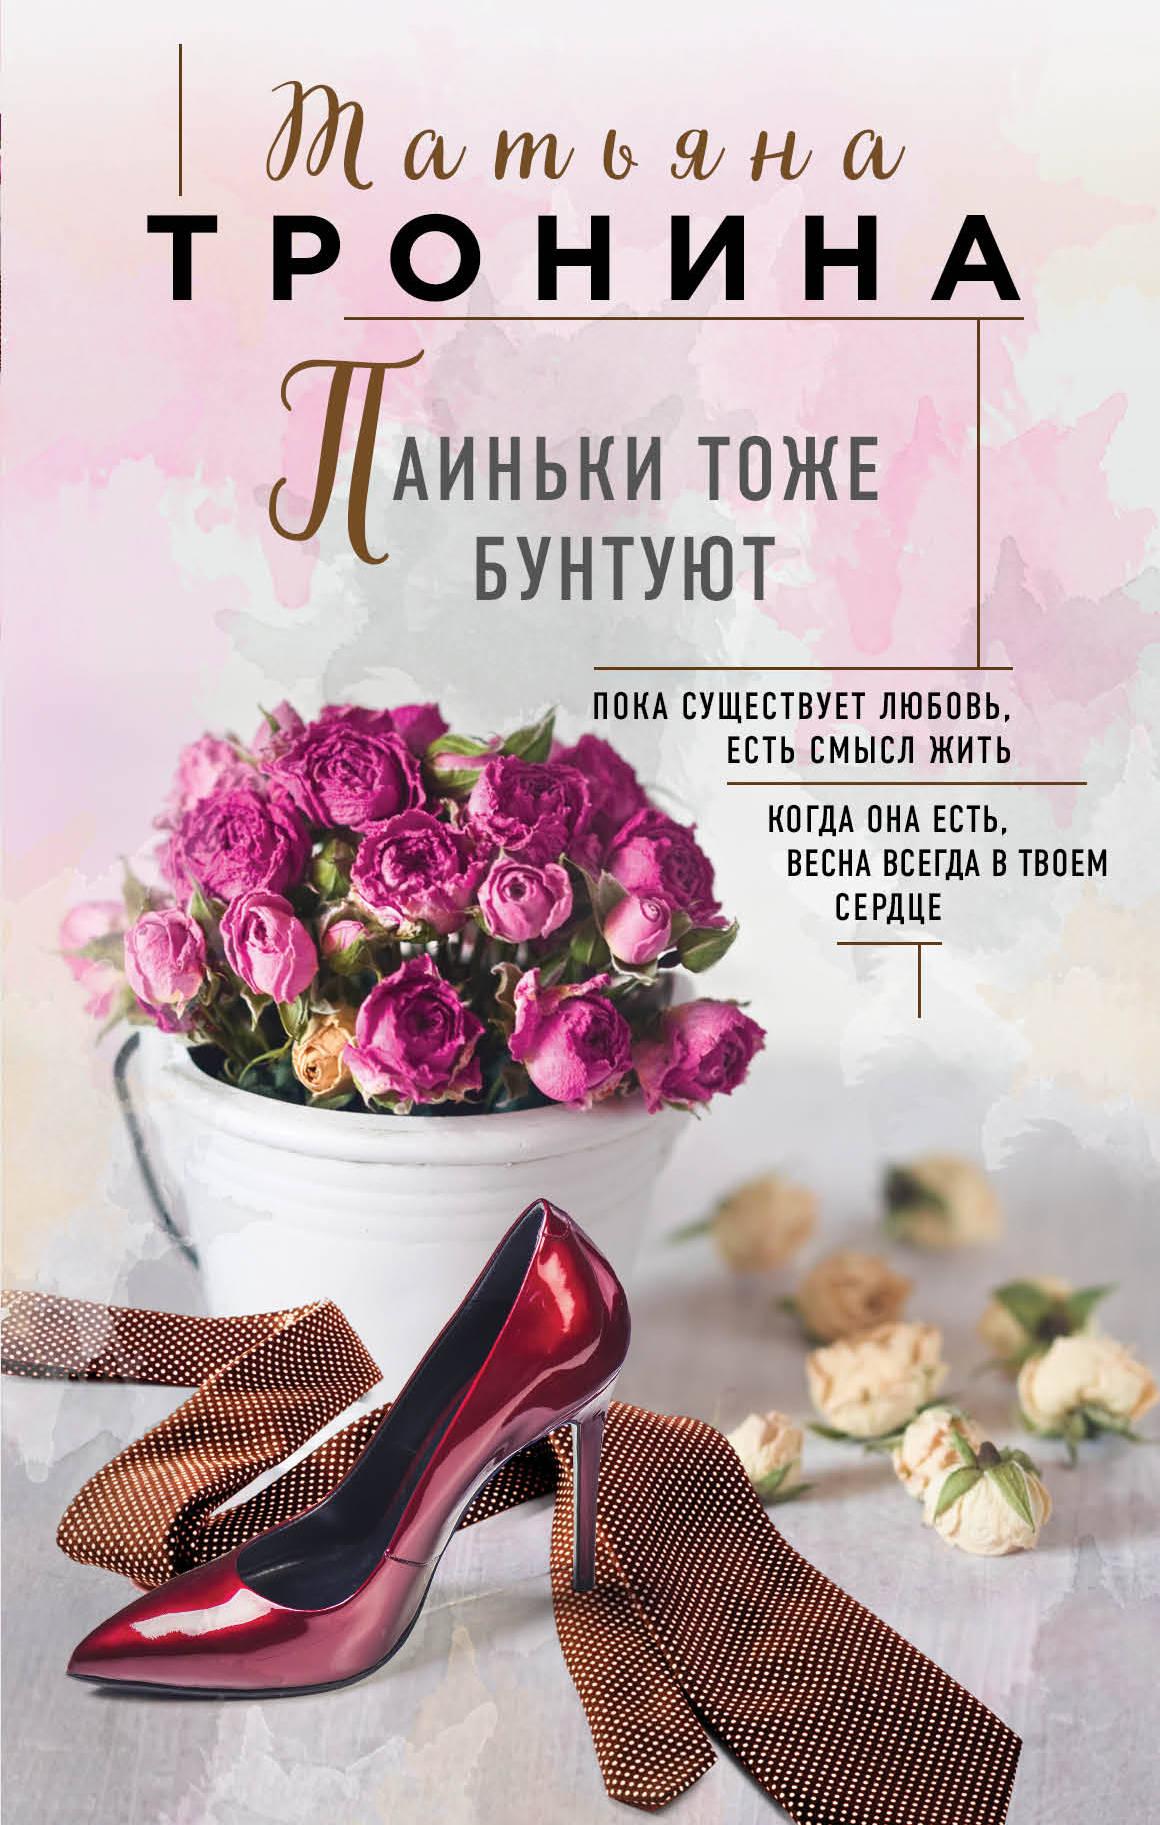 Тронина Татьяна Михайловна Паиньки тоже бунтуют тронина татьяна михайловна нежность августовской ночи